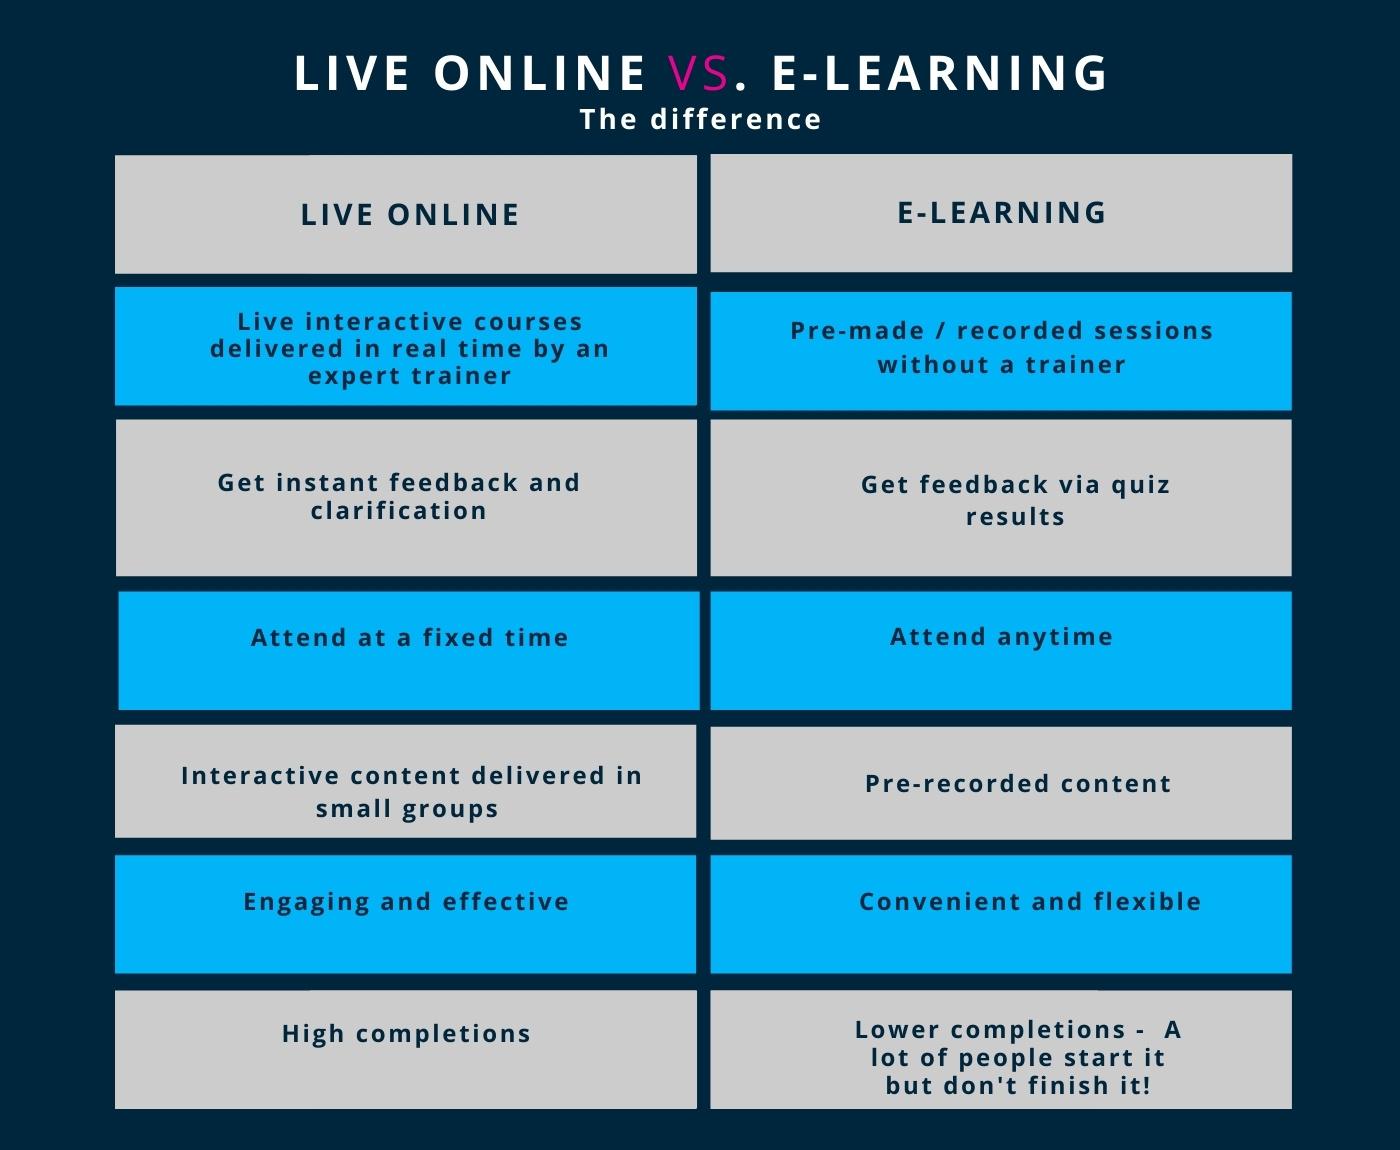 E-Learning vs Live online learning